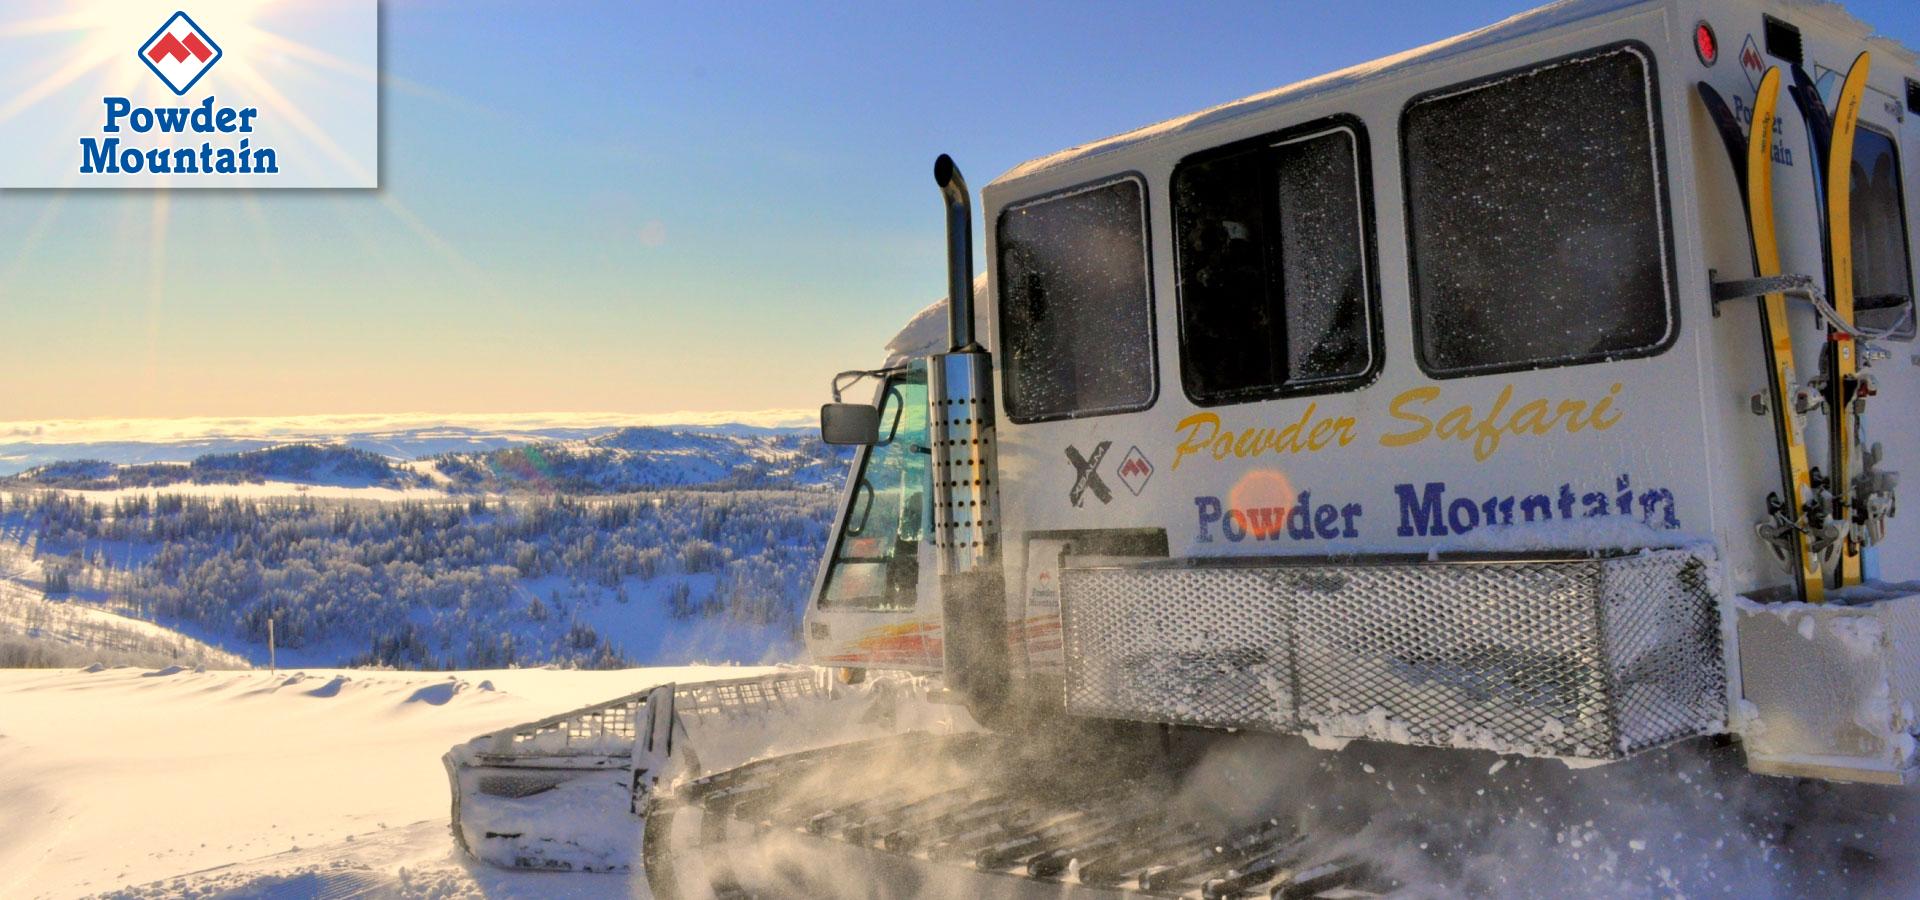 Powder Mountain cat skiing